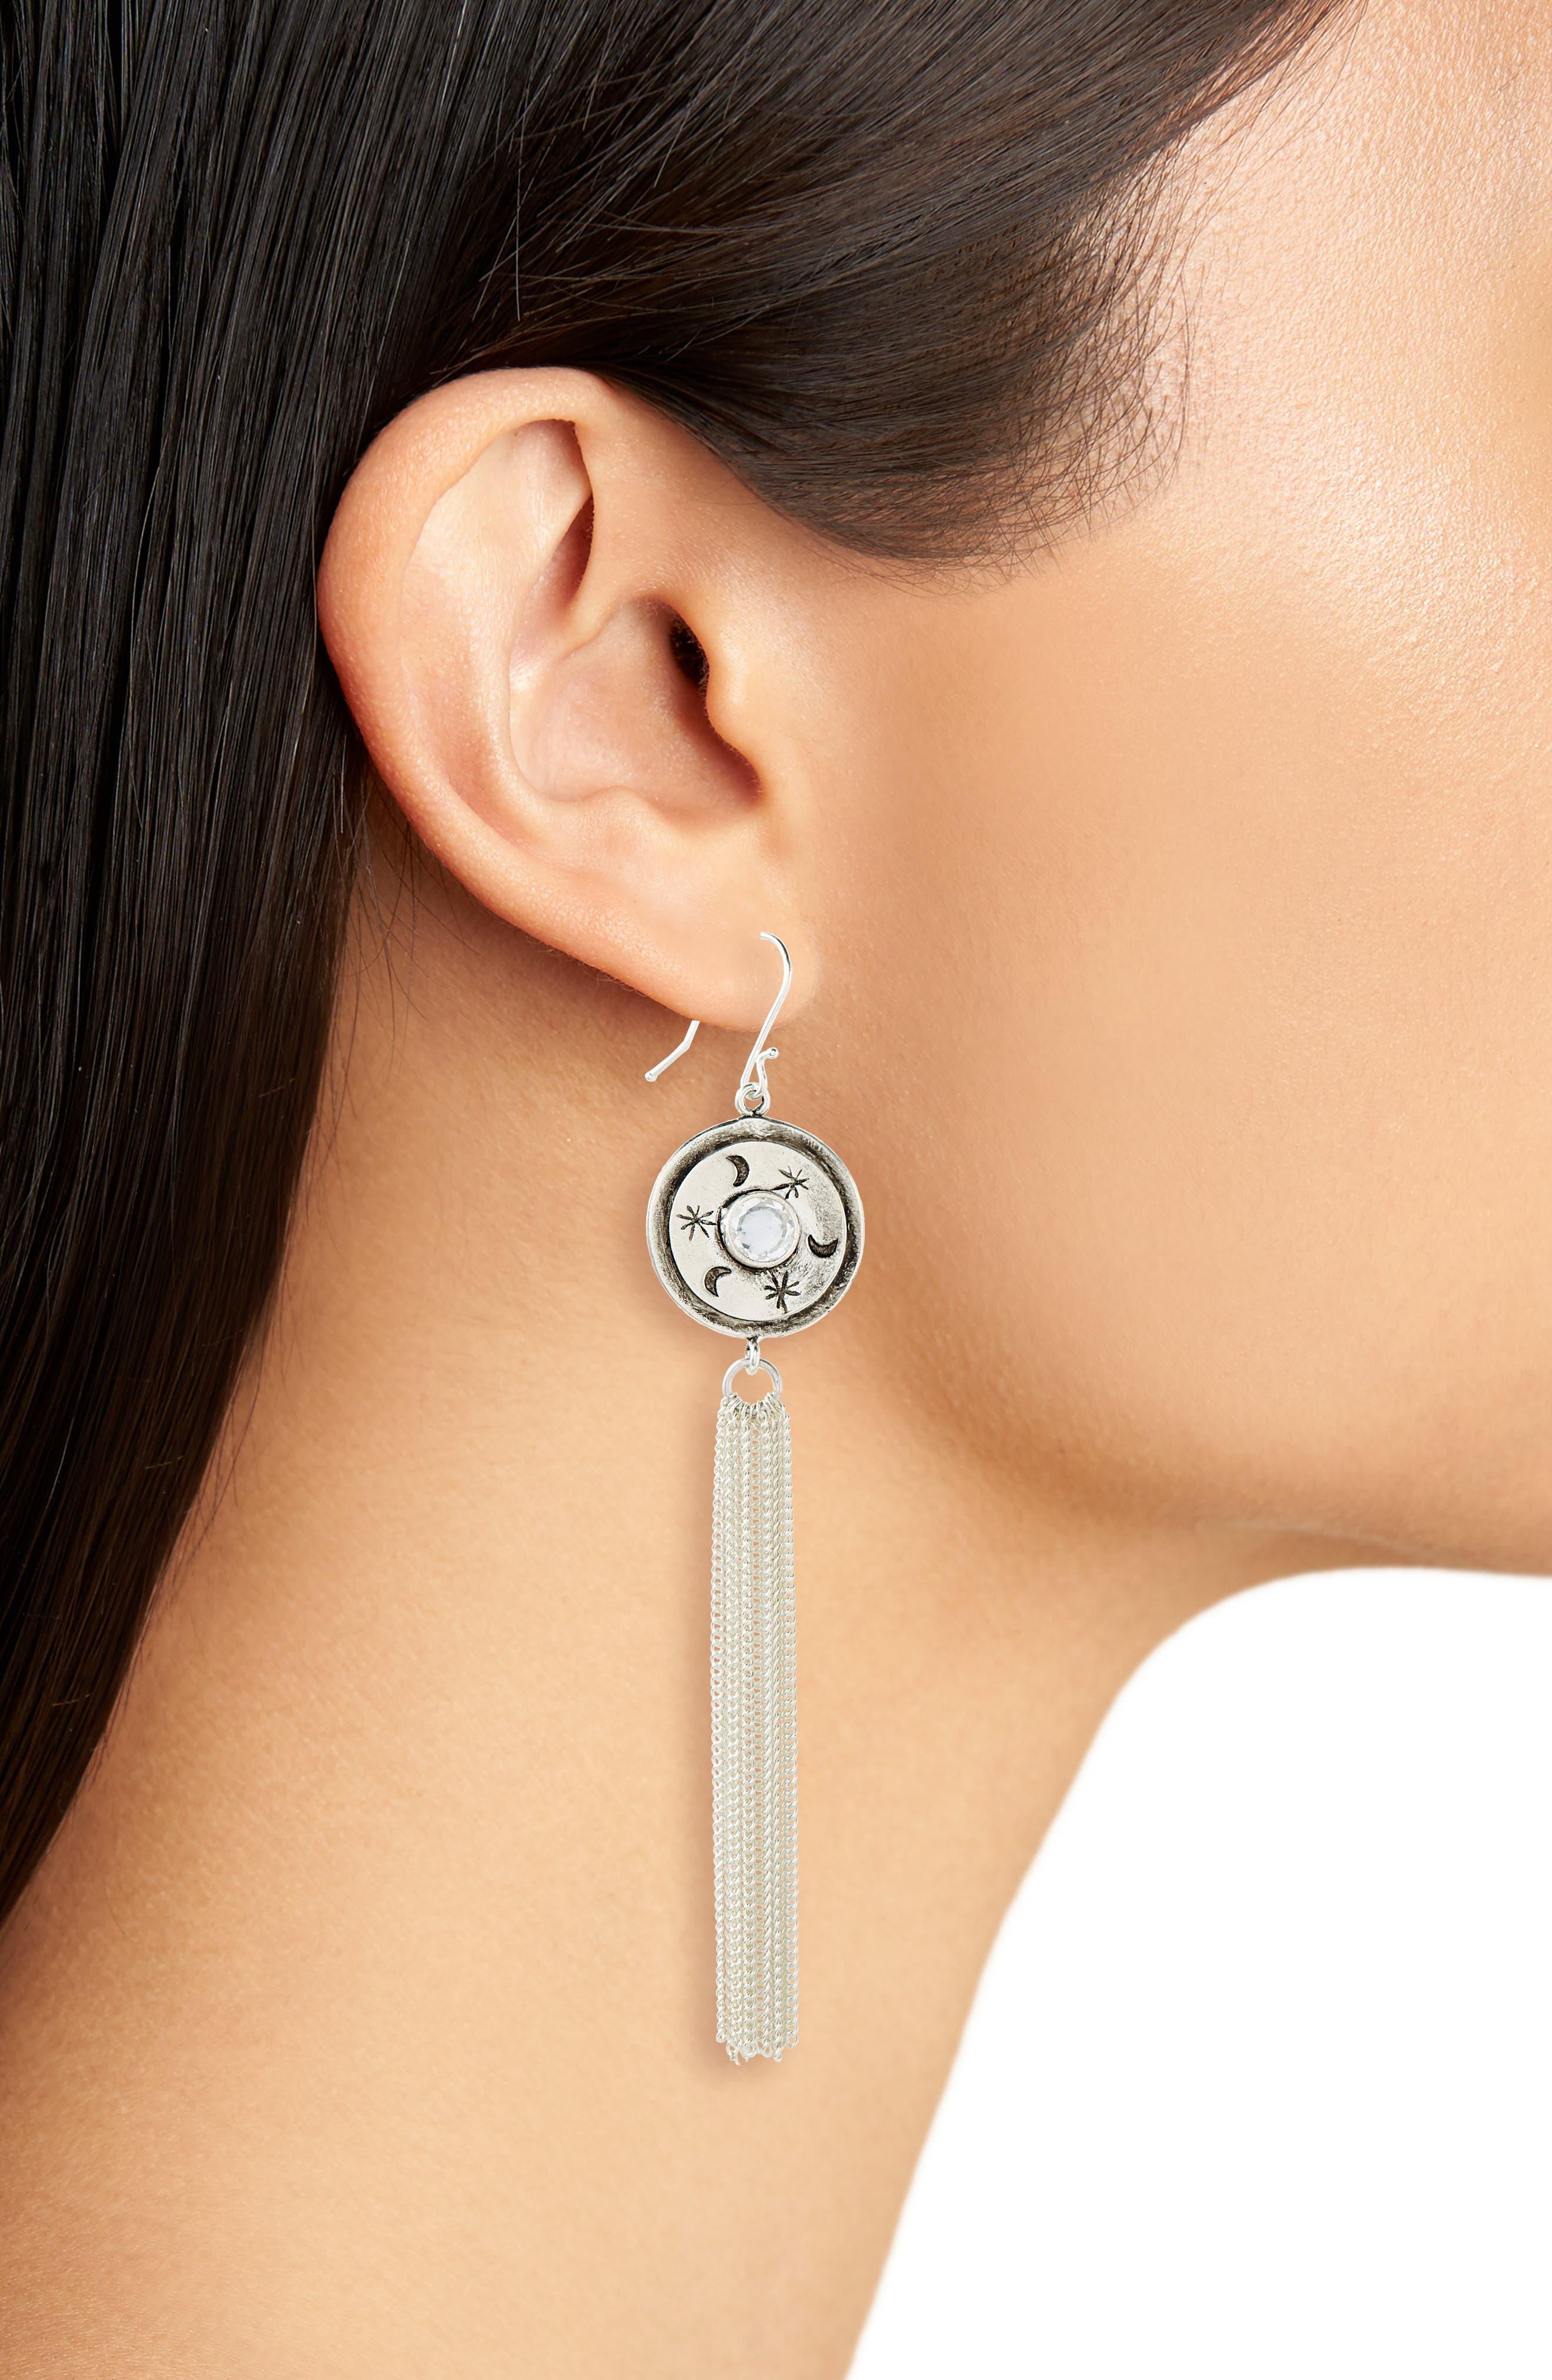 Mother Goddess Fringe Earrings,                             Alternate thumbnail 2, color,                             040